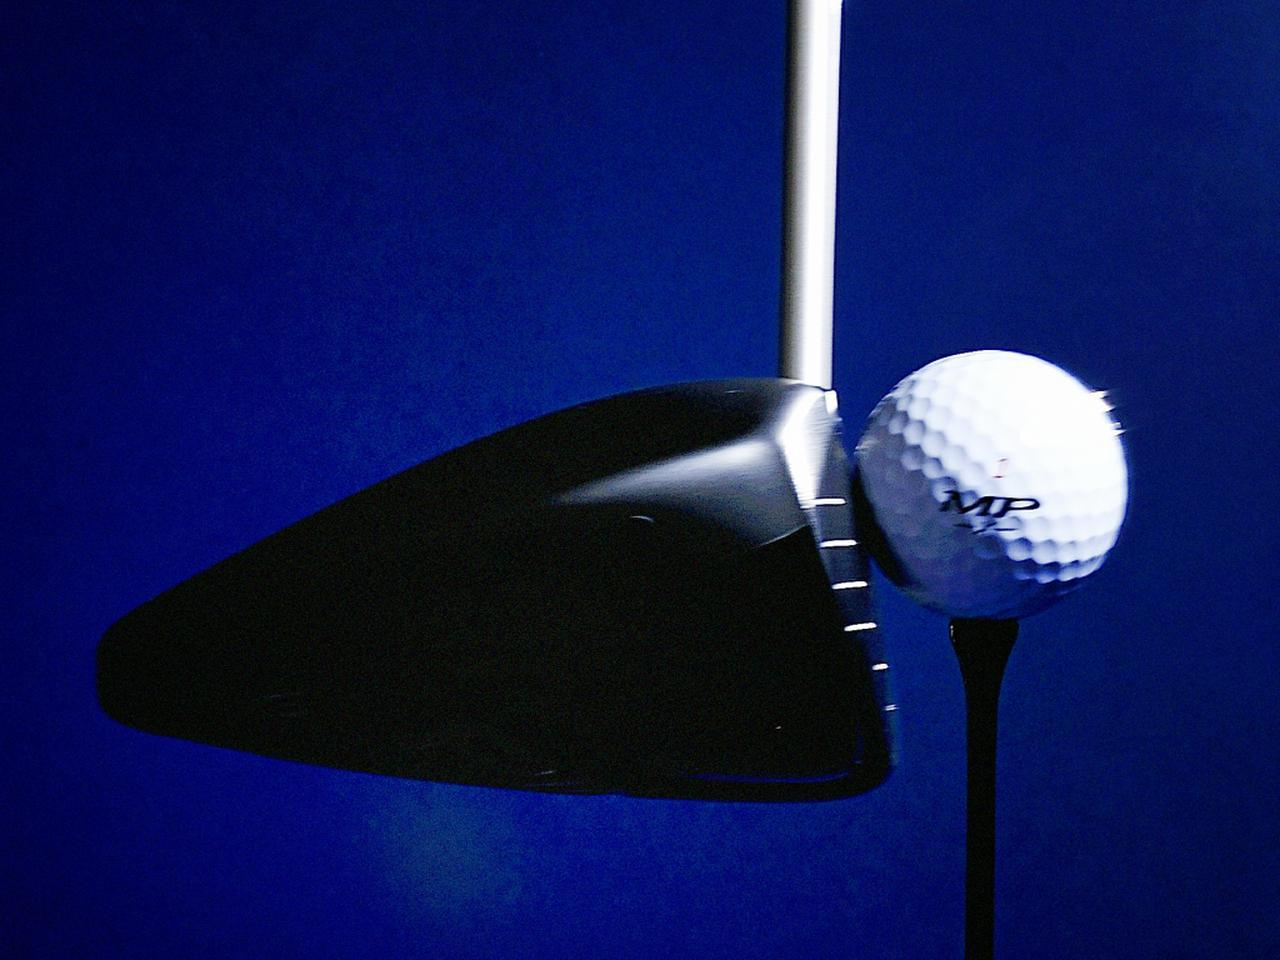 画像: フェース面を薄くするなどしてより大きくたわませるのは、弾いてボールを飛ばすためというよりも、ボールが潰れ過ぎることによるエネルギーロスを防ぐ効果が大きい